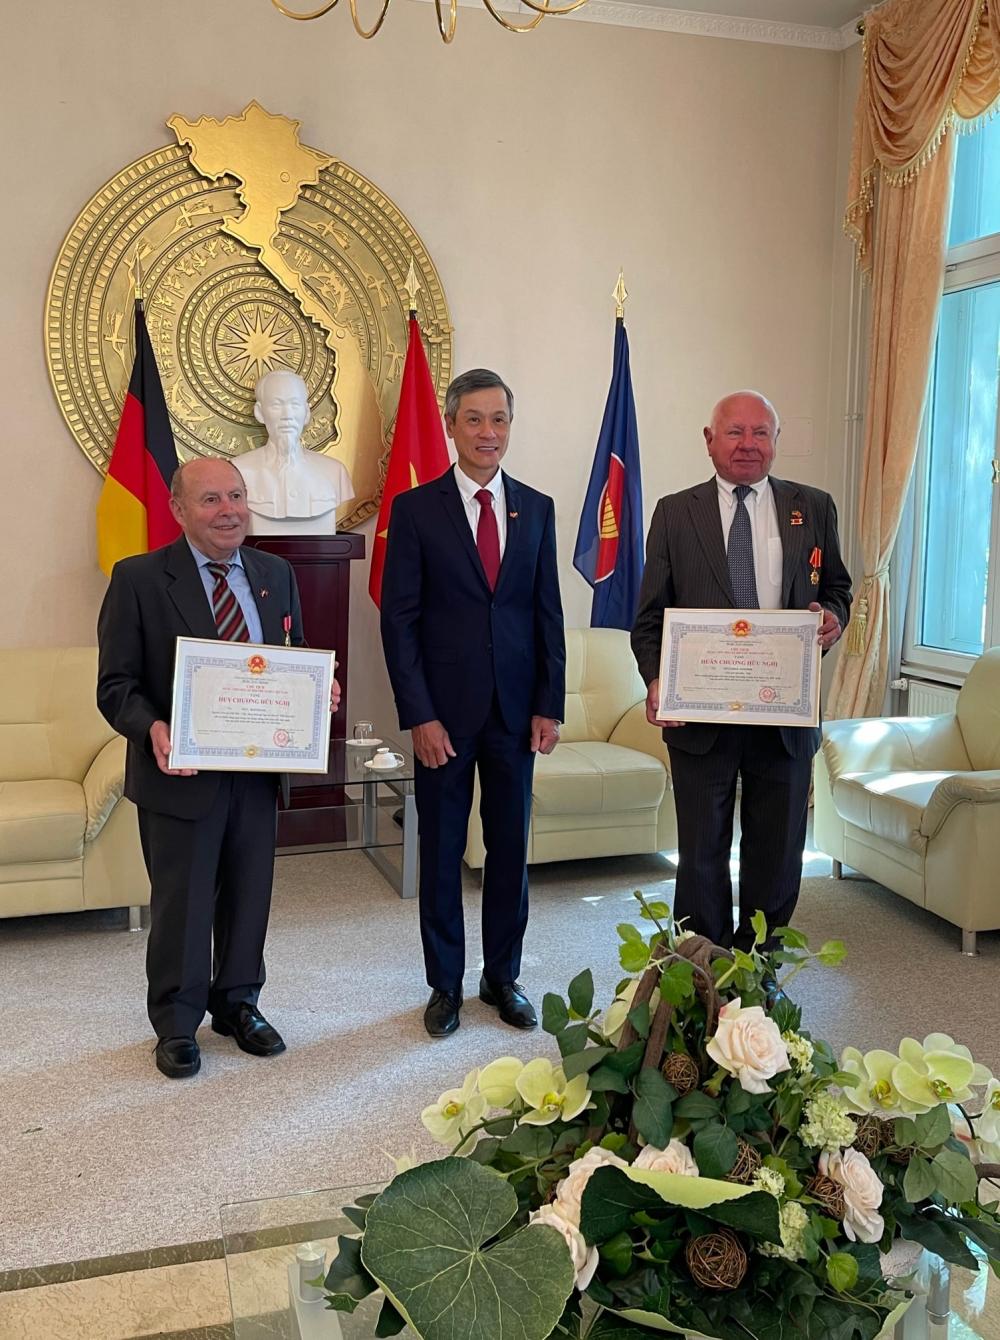 2 German nationals receive Vietnam friendship awards